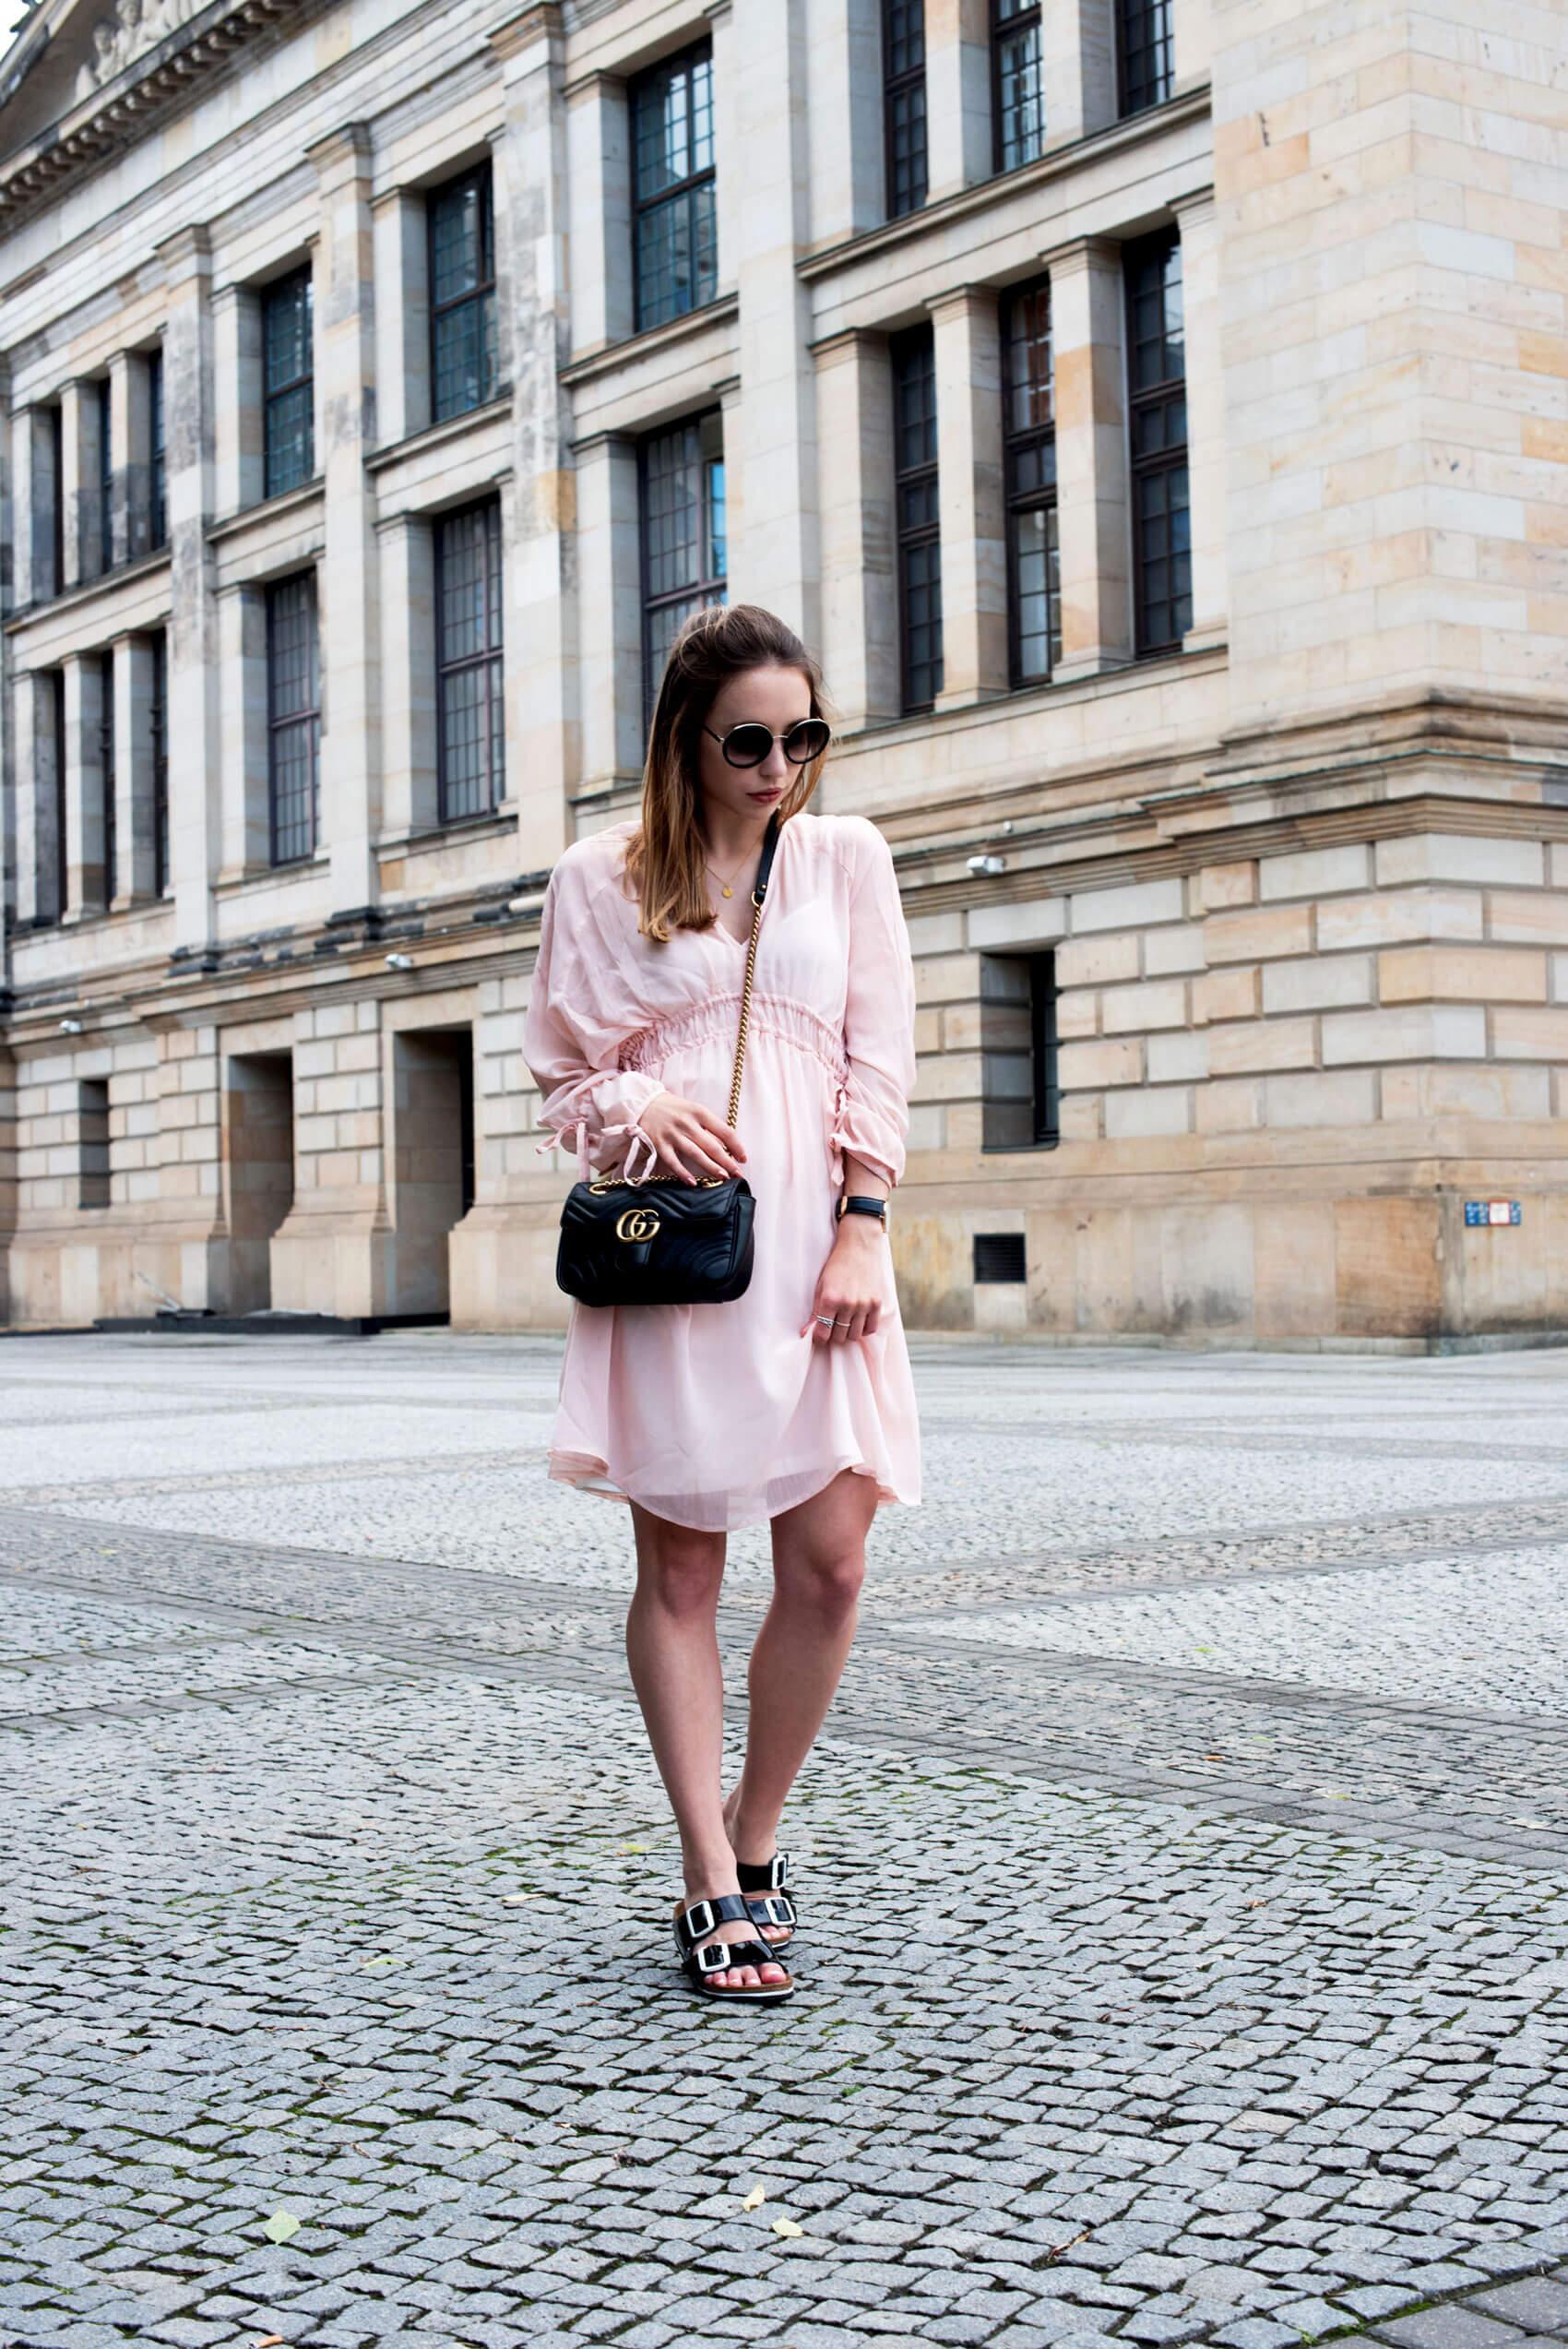 Romantisches Sommerkleid in rosa mit Gucci Marmont Tasche